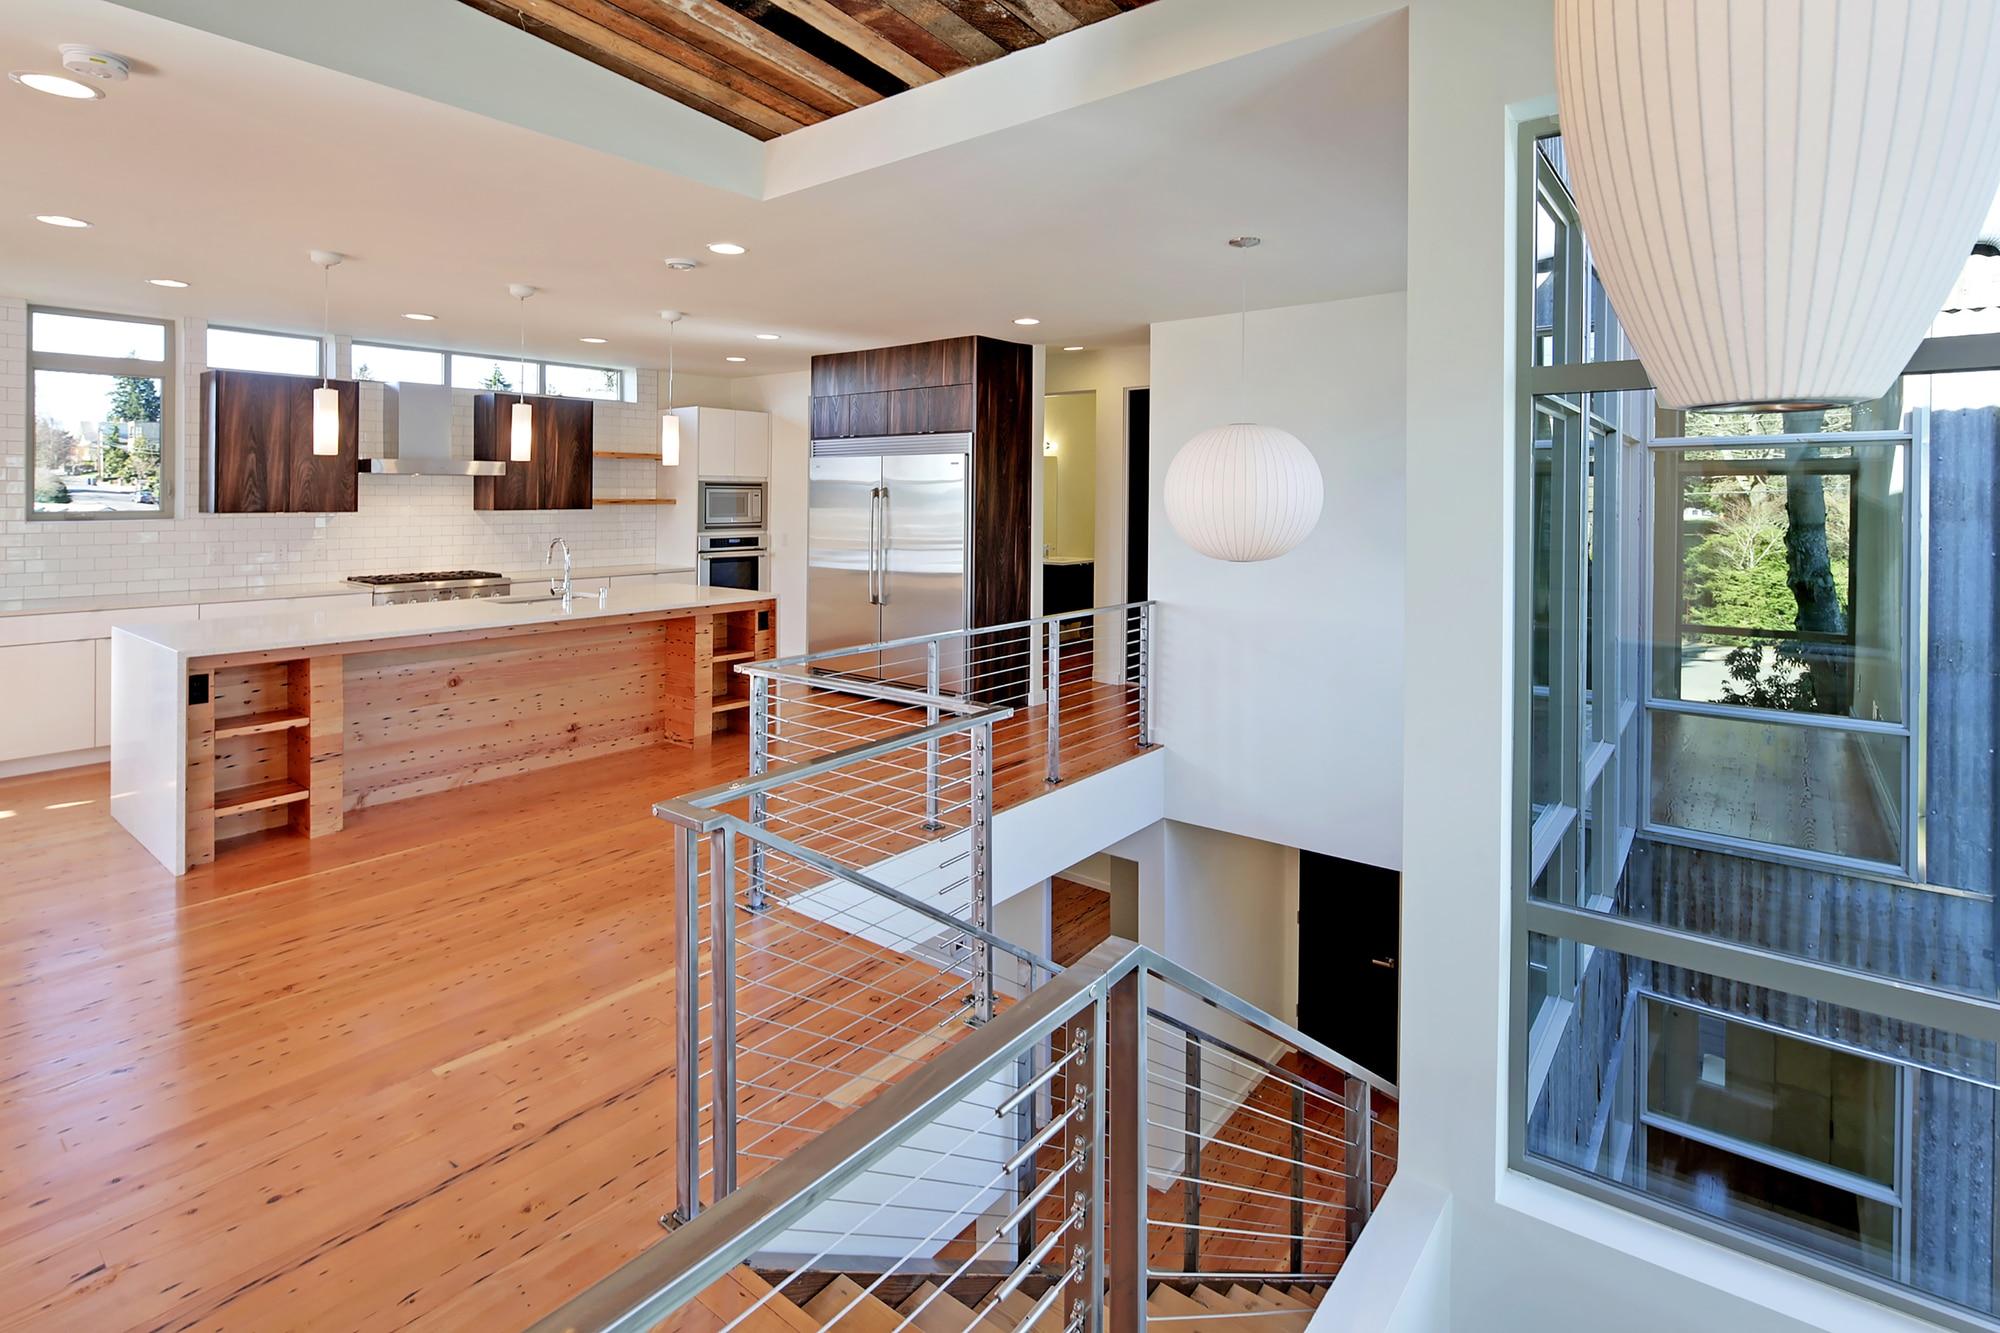 Diseño de casa ecológica autosuficiente, combinación de madera